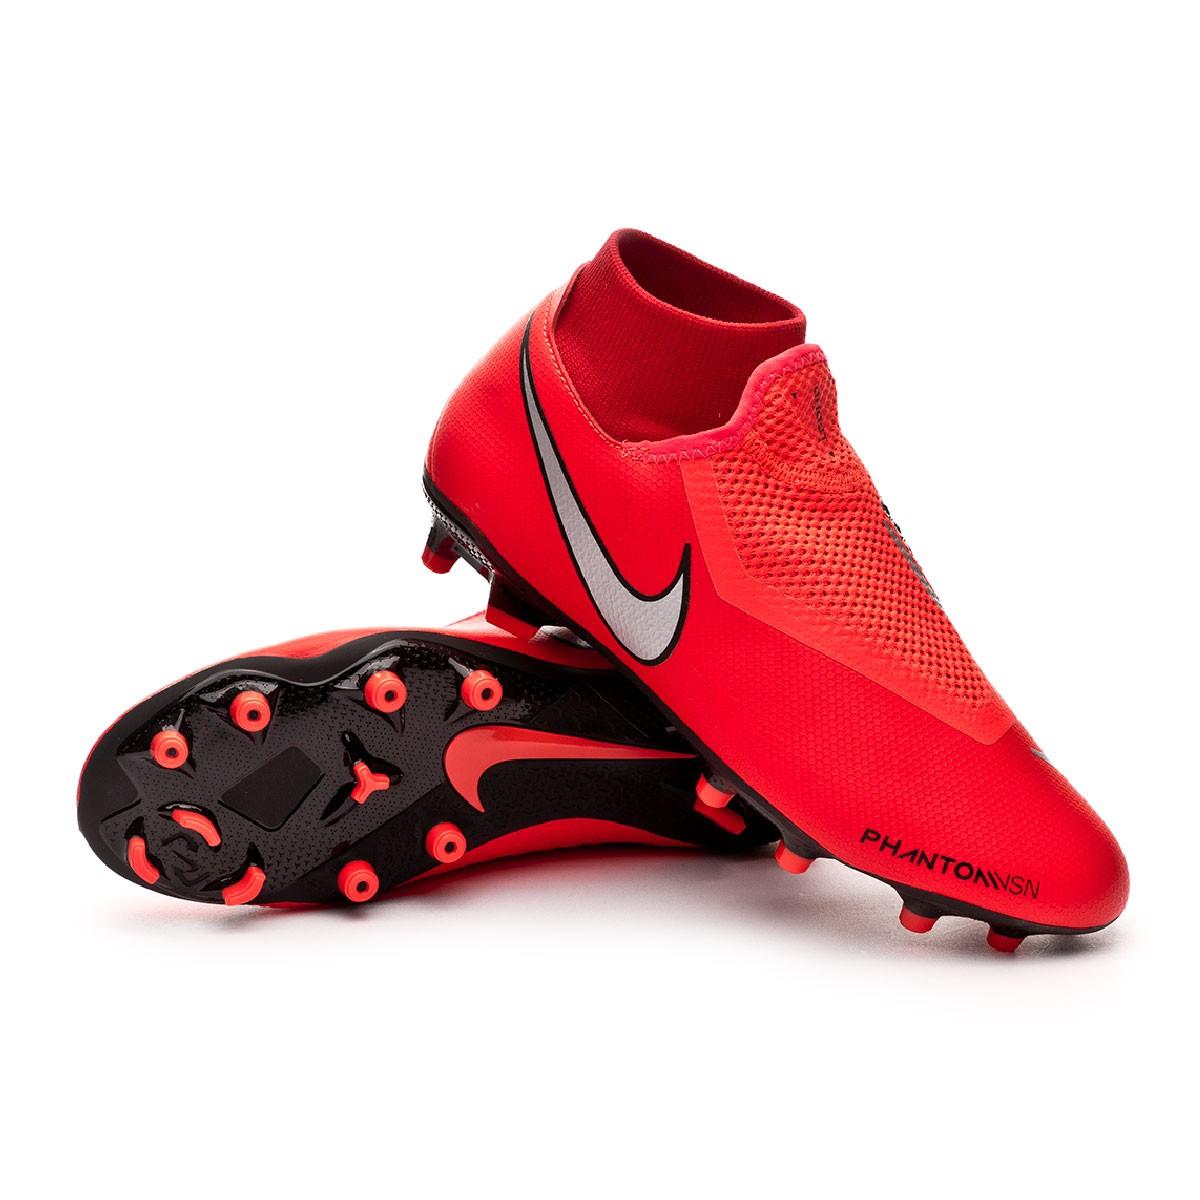 alto Preciso Creación  Football Boots Nike Phantom Vision Academy DF FG/MG Bright crimson-Metallic  silver - Football store Fútbol Emotion